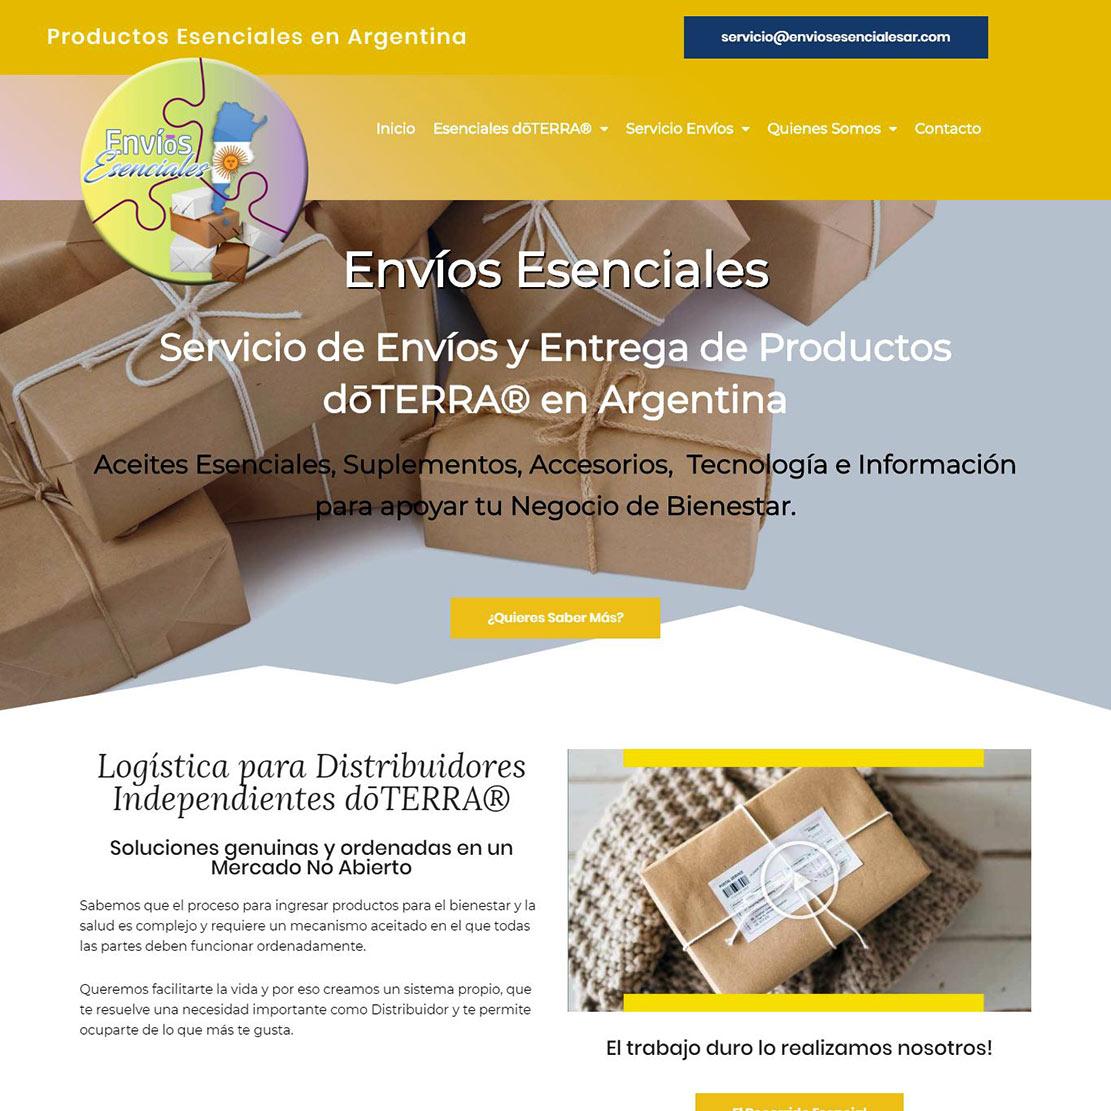 Envíos Esenciales Servicio de Envíos y Entrega de Productos dōTERRA® en Argentina